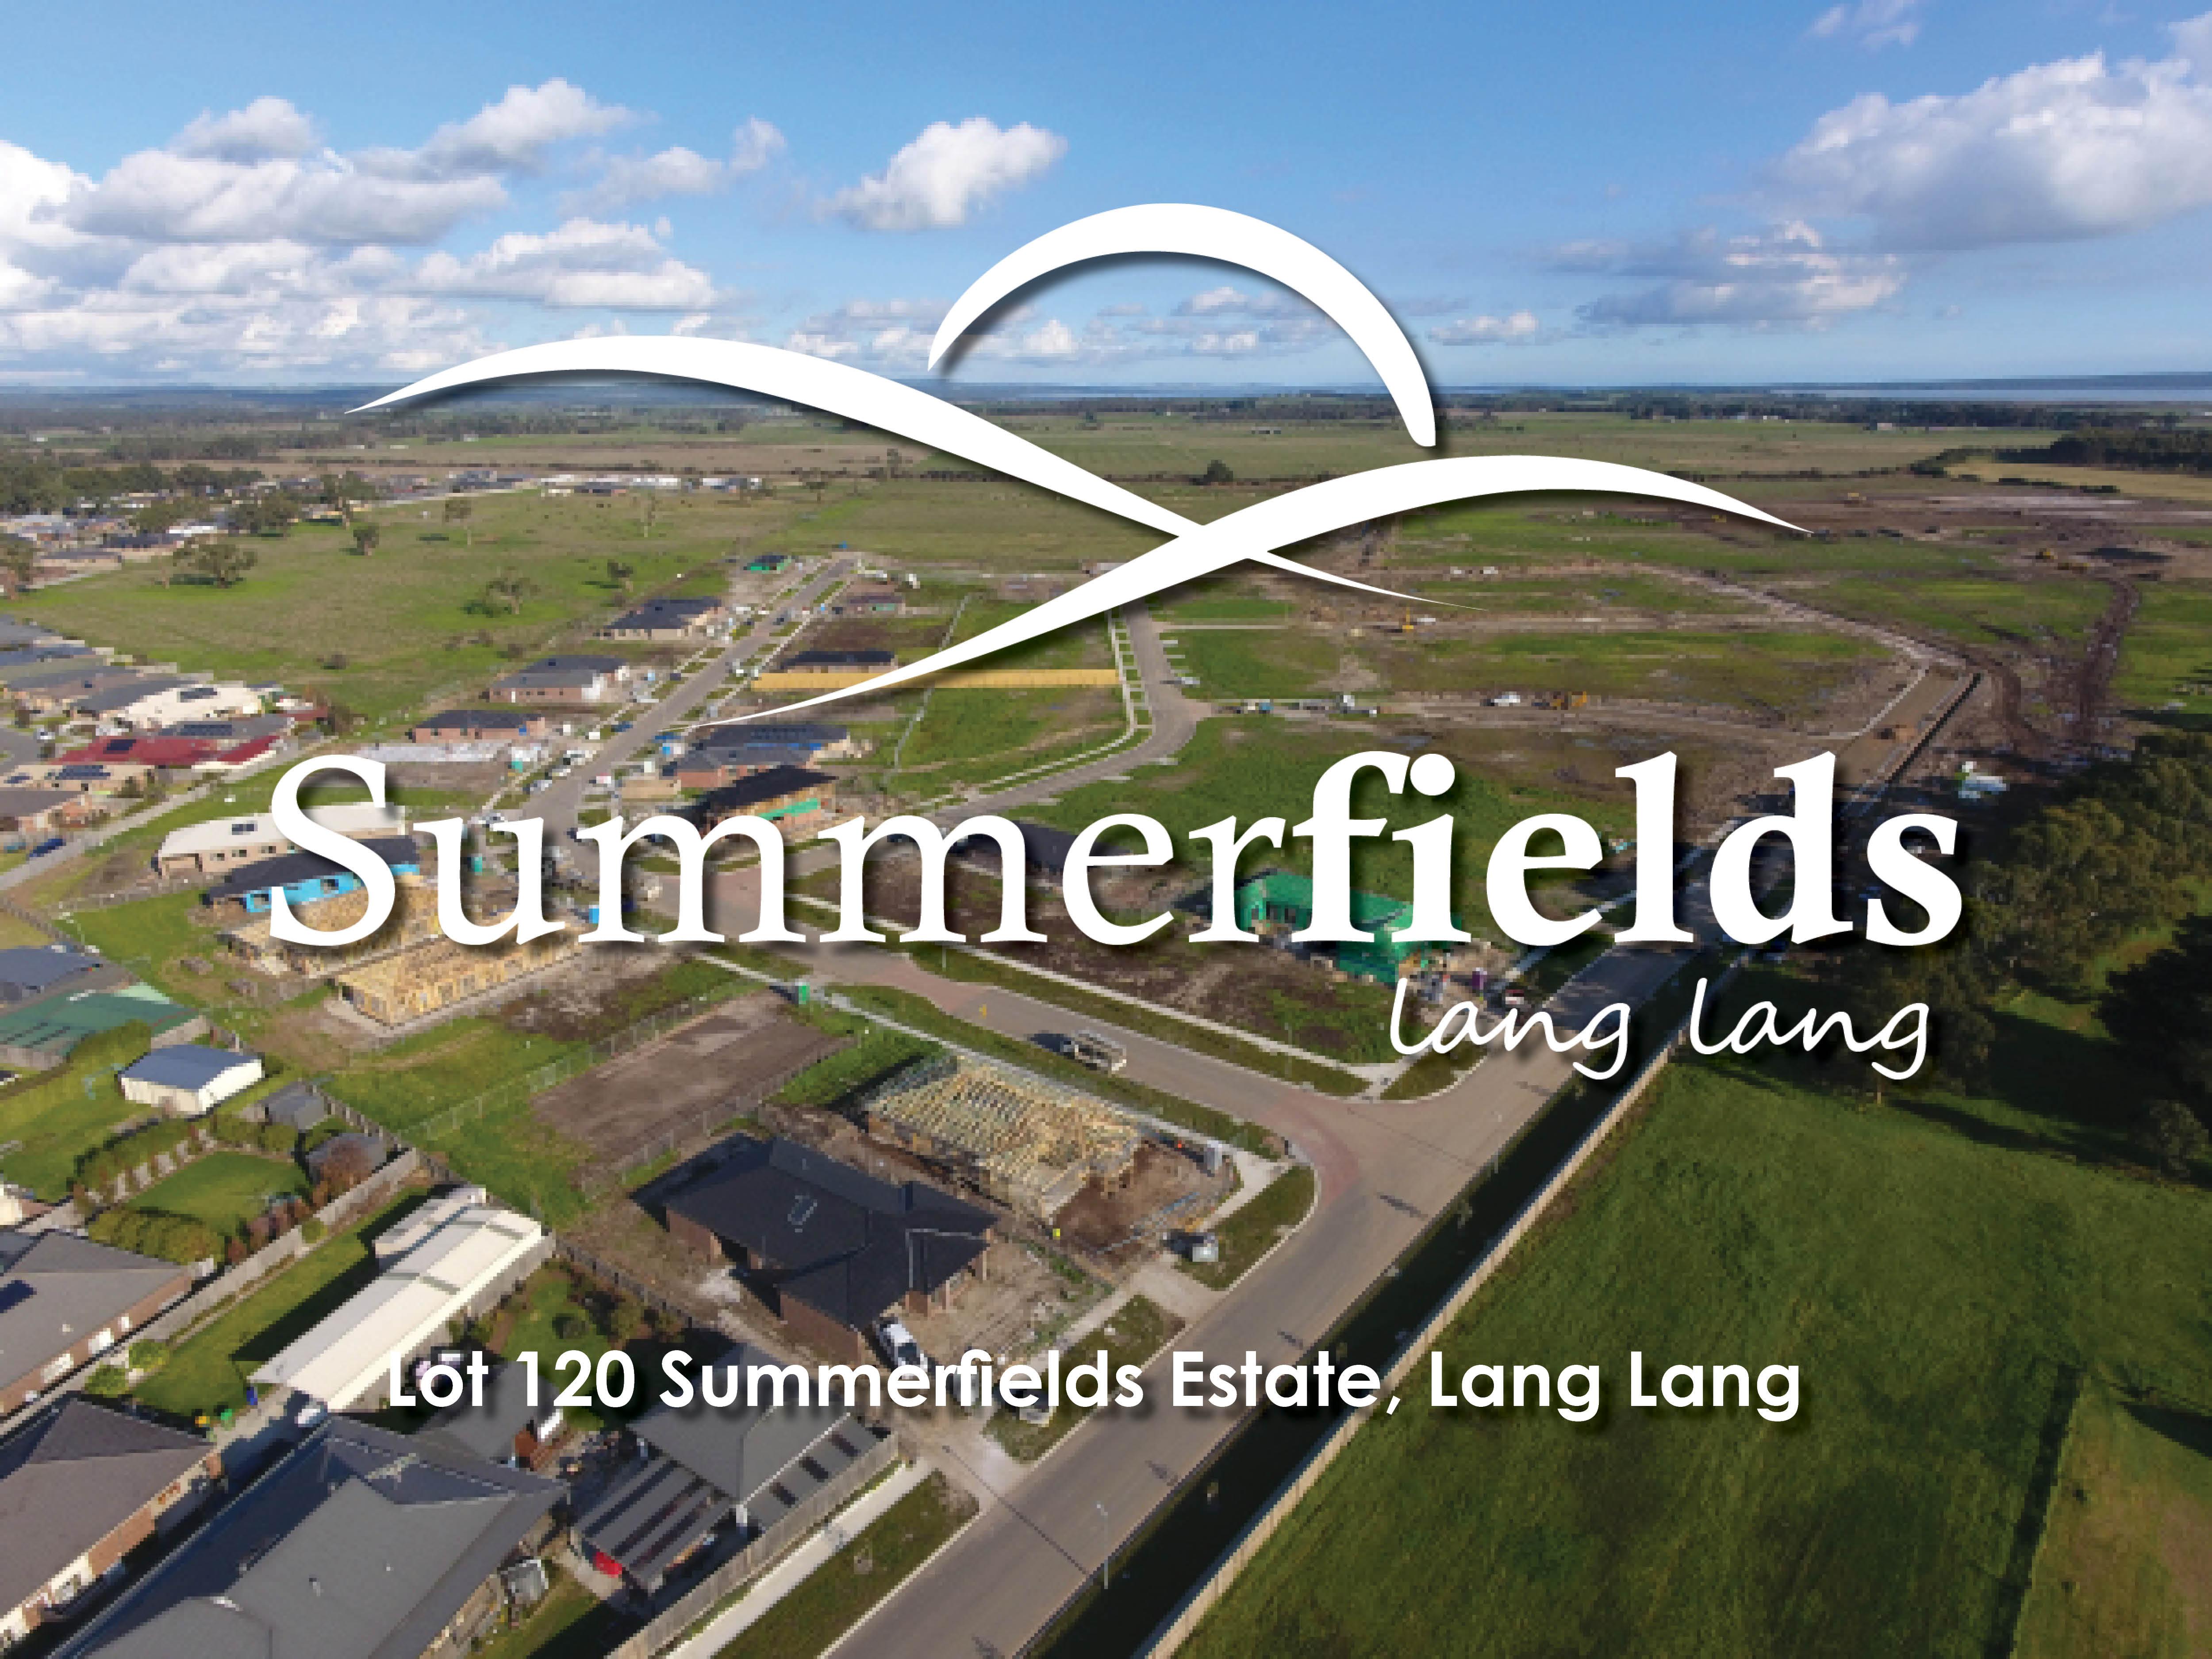 Lot 120 Summerfields Estate, LANG LANG, VIC, 3984 - Image